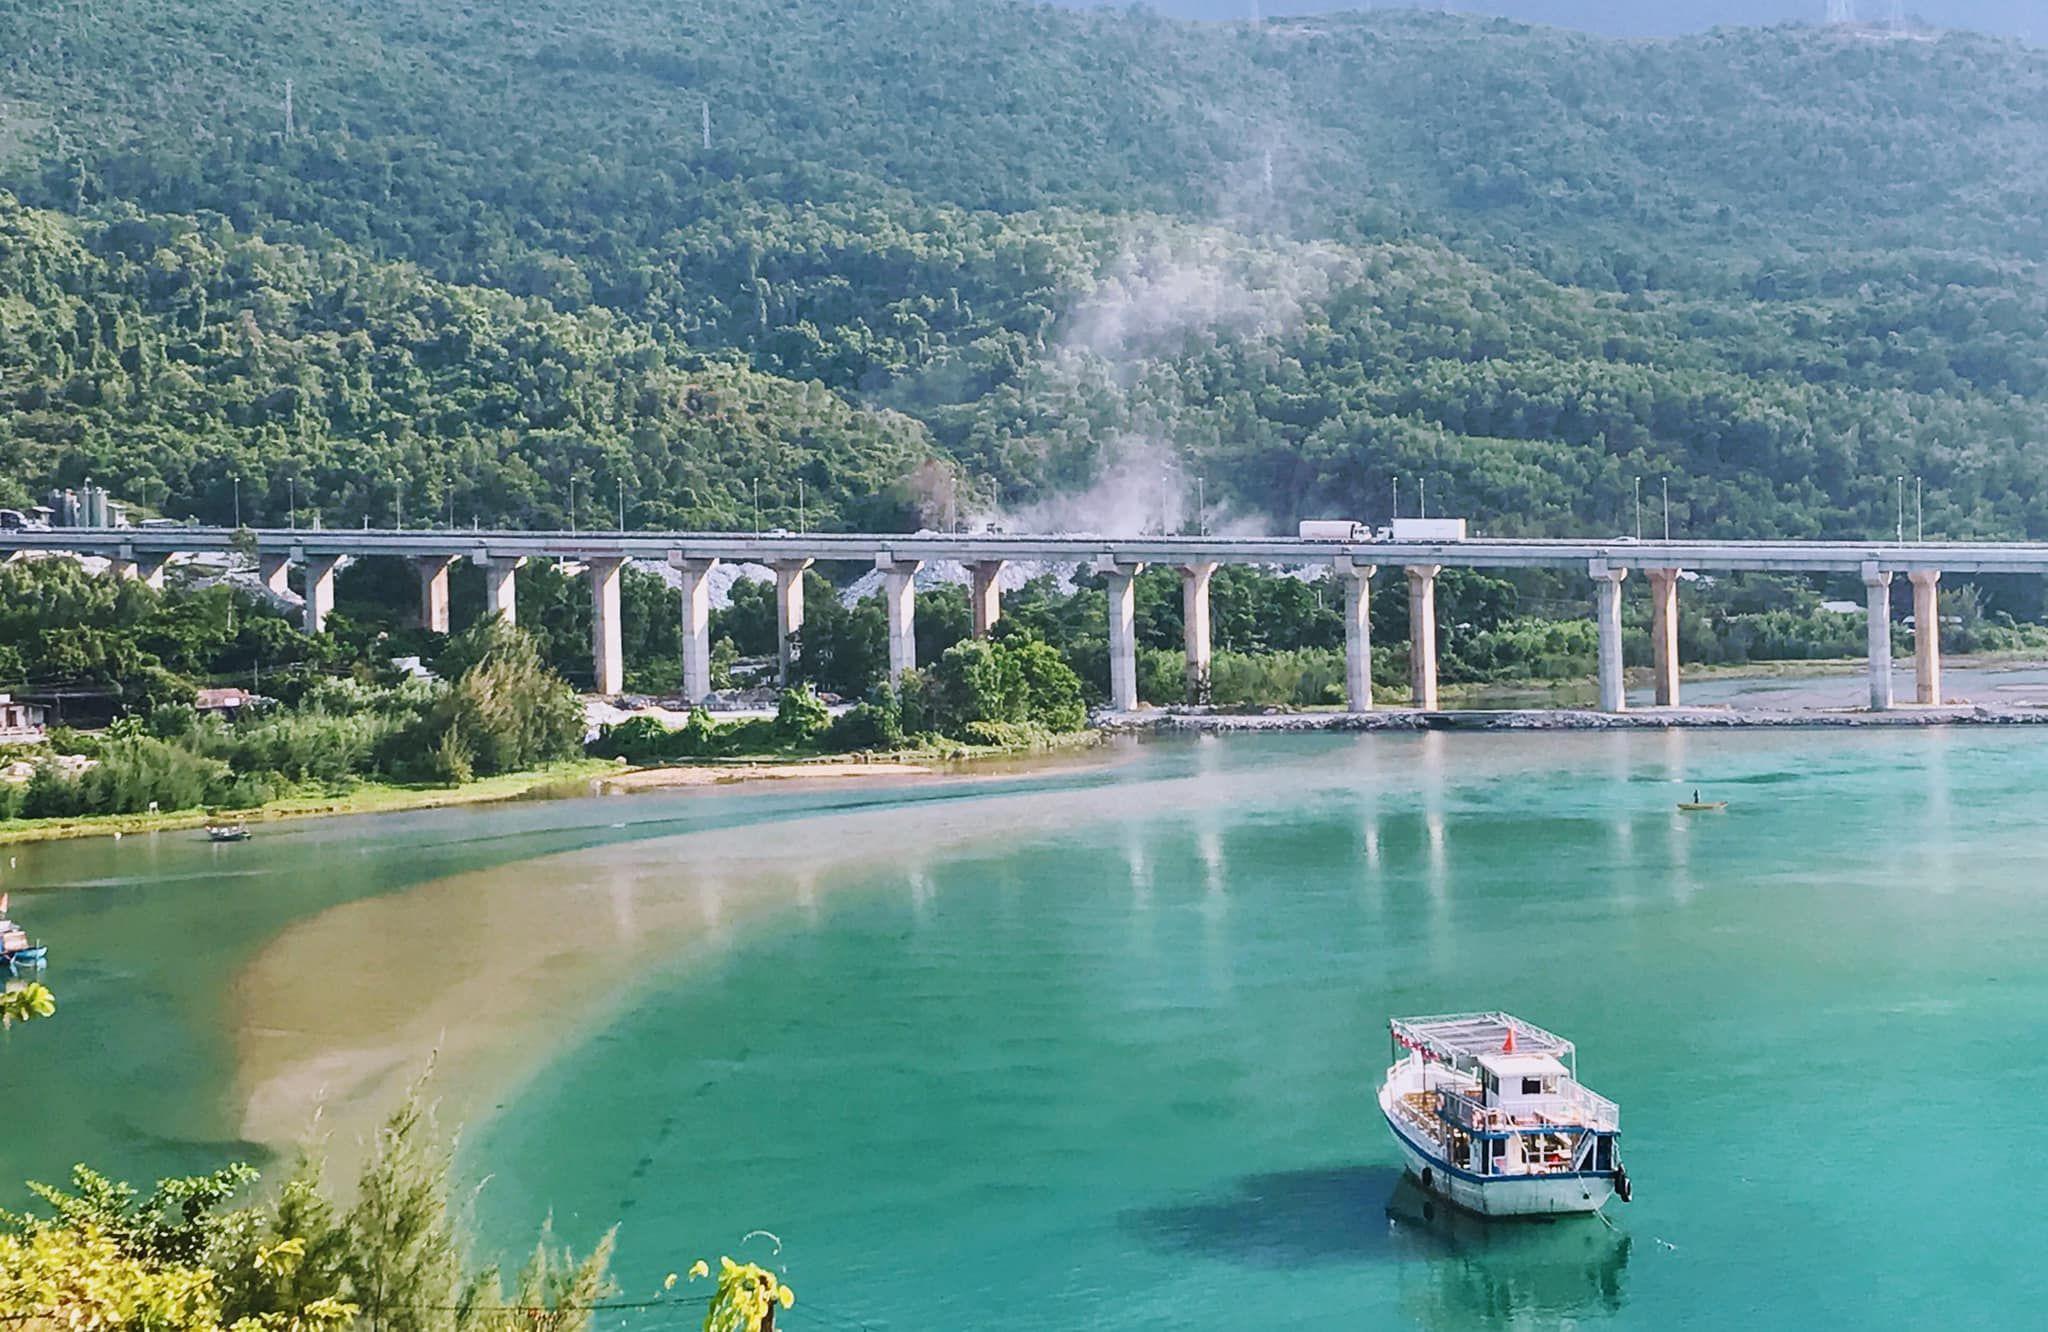 Vẻ đẹp thơ mộng của vịnh Lăng Cô - vịnh đẹp nhất thế giới